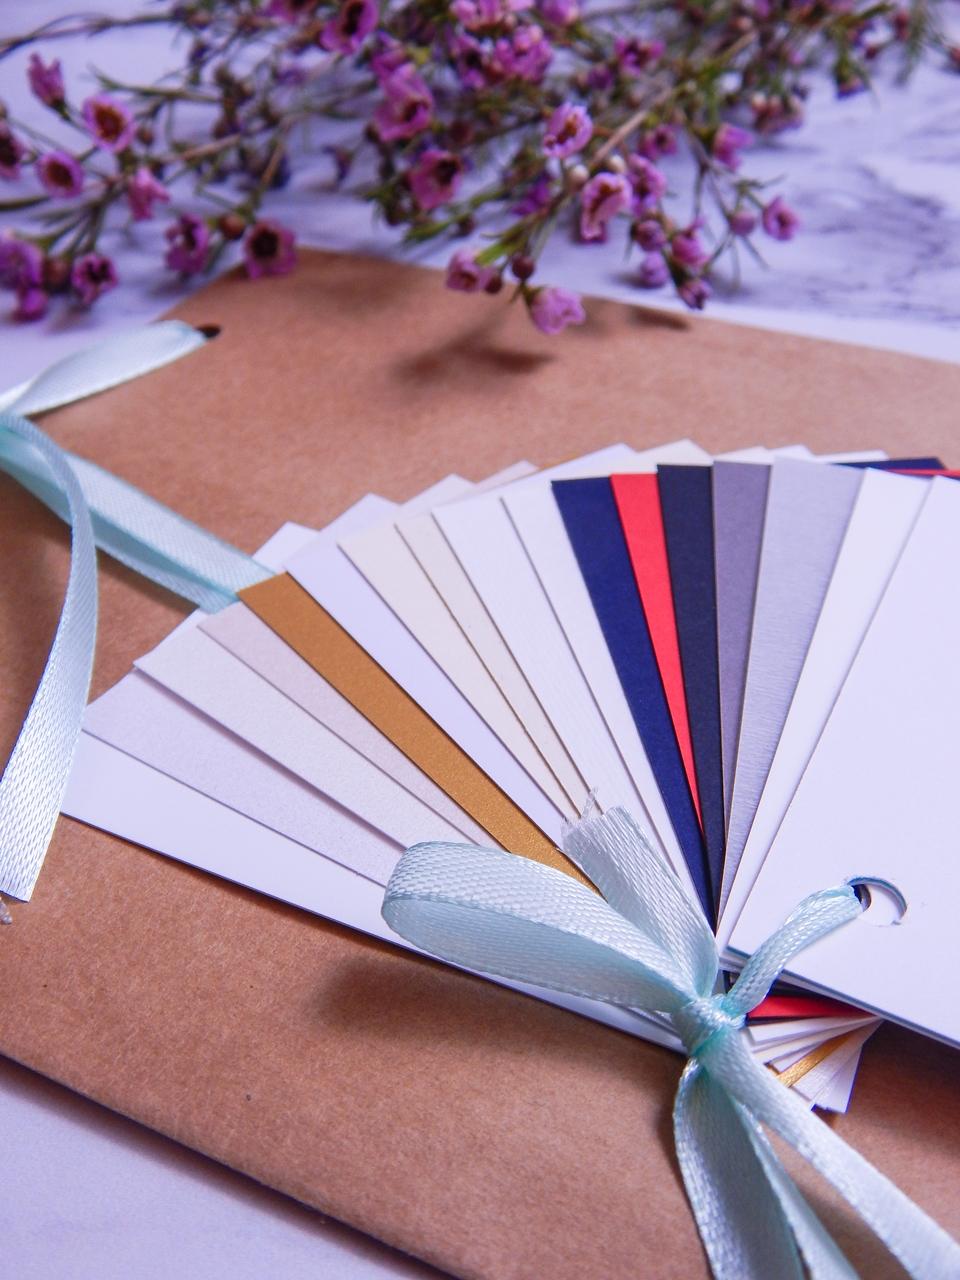 14 colour.me colourme colour me wizytówki druk wizytówek notesów kompleksowa obsługa firm gdzie wydrukować wizytówki zaproszenia kartki świąteczne melodylaniella spersonalizowane gadżety dla firm